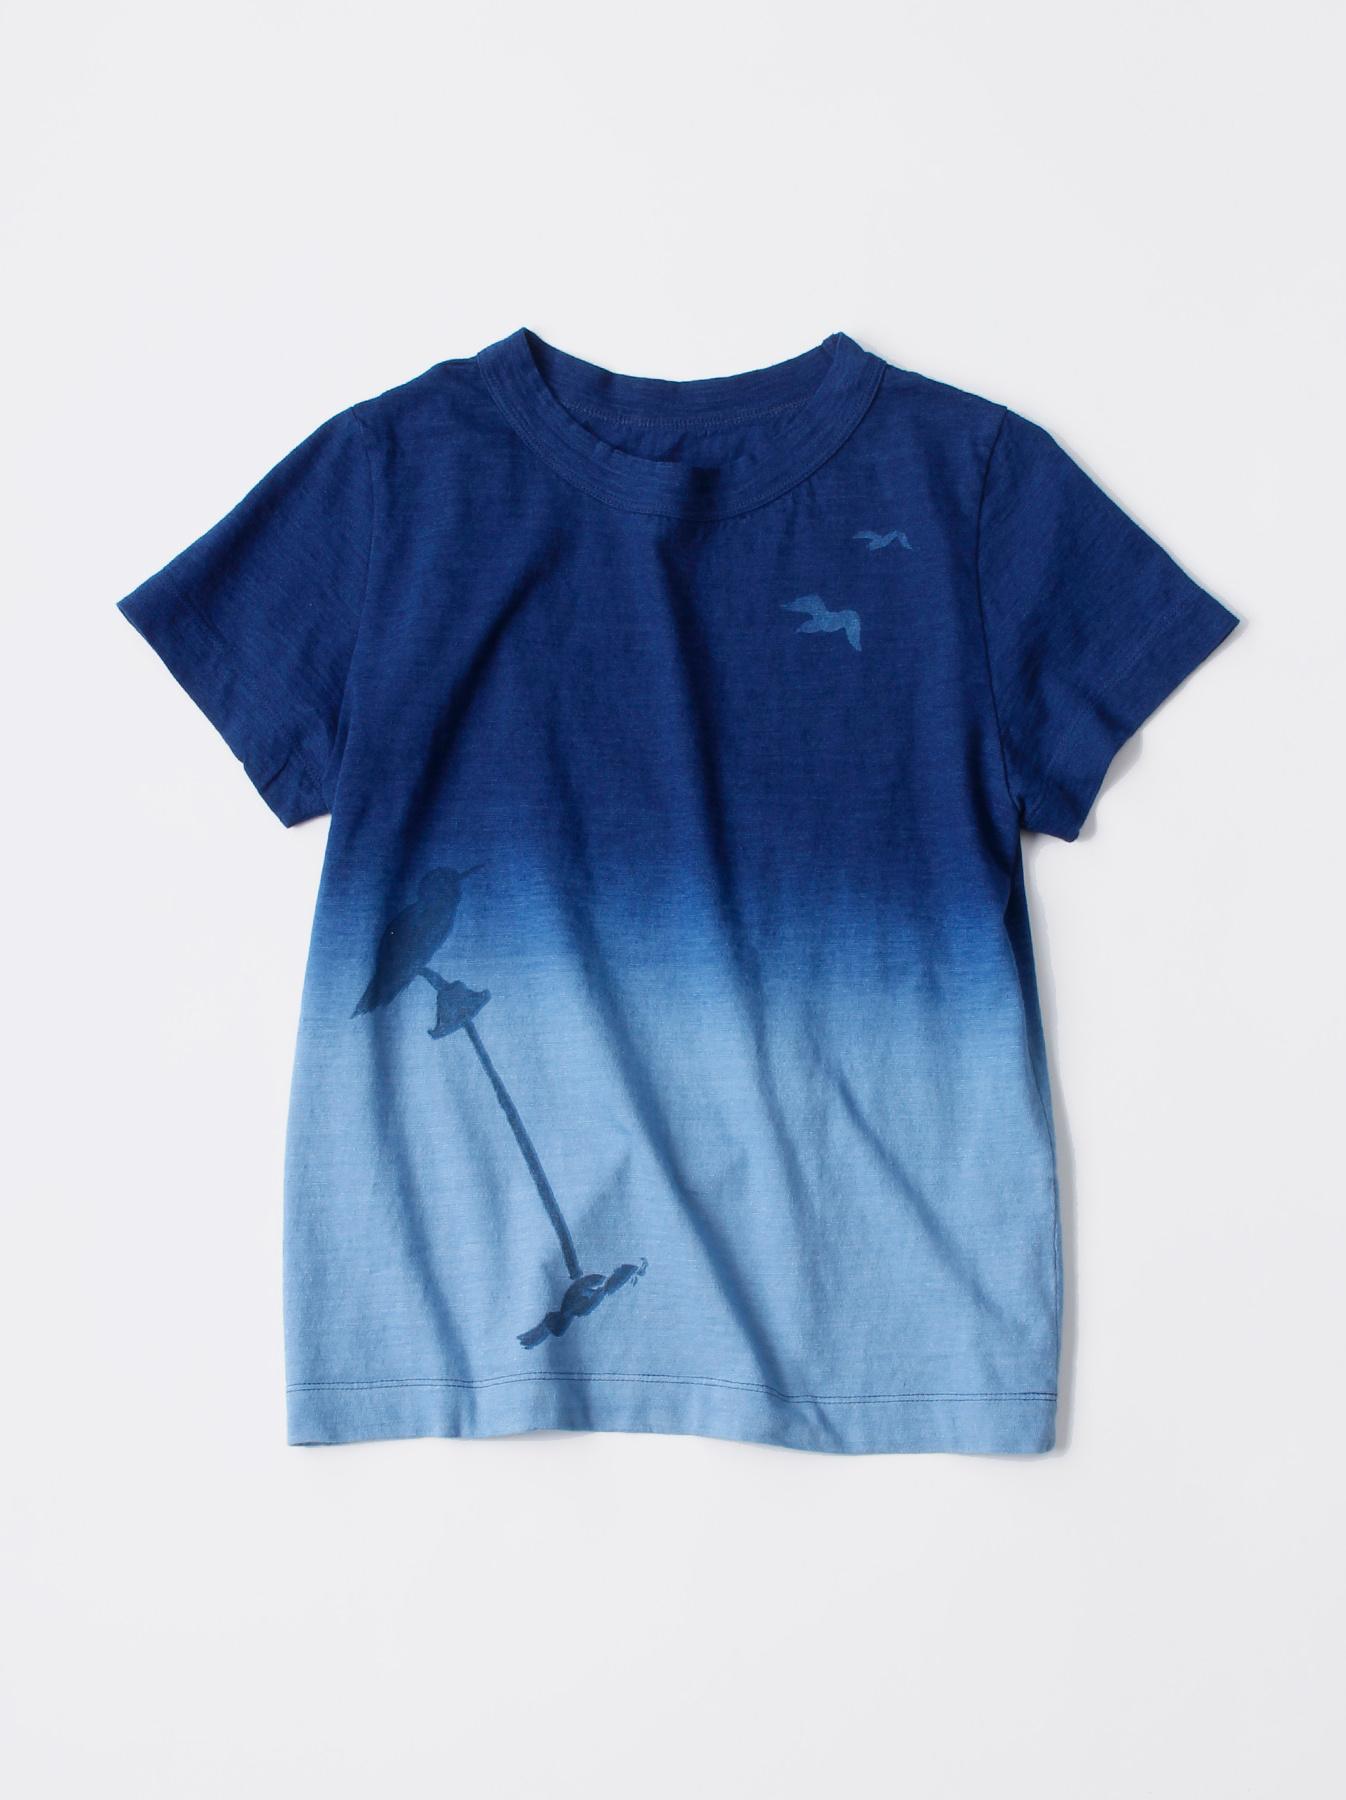 WH Indigo Ukiyo-e Break 45 Star T-shirt (Womens)-1